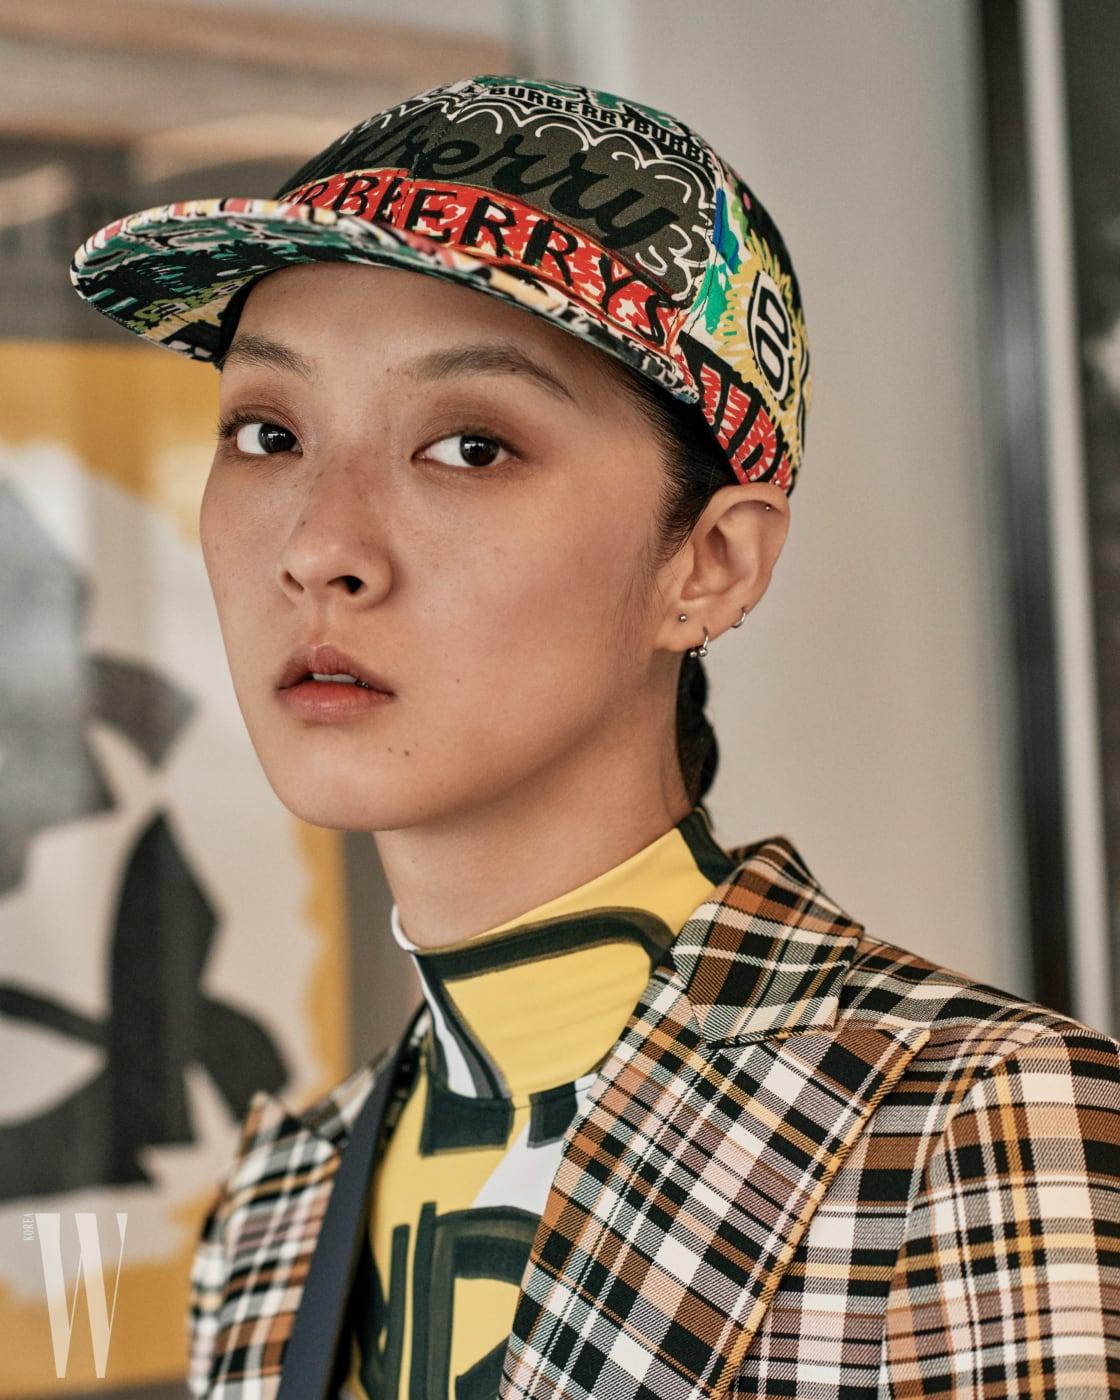 그라피티 프린트 야구모자, 그라피티 프린트 레저 웨어, 체크무늬 재킷은 모두 버버리 제품.